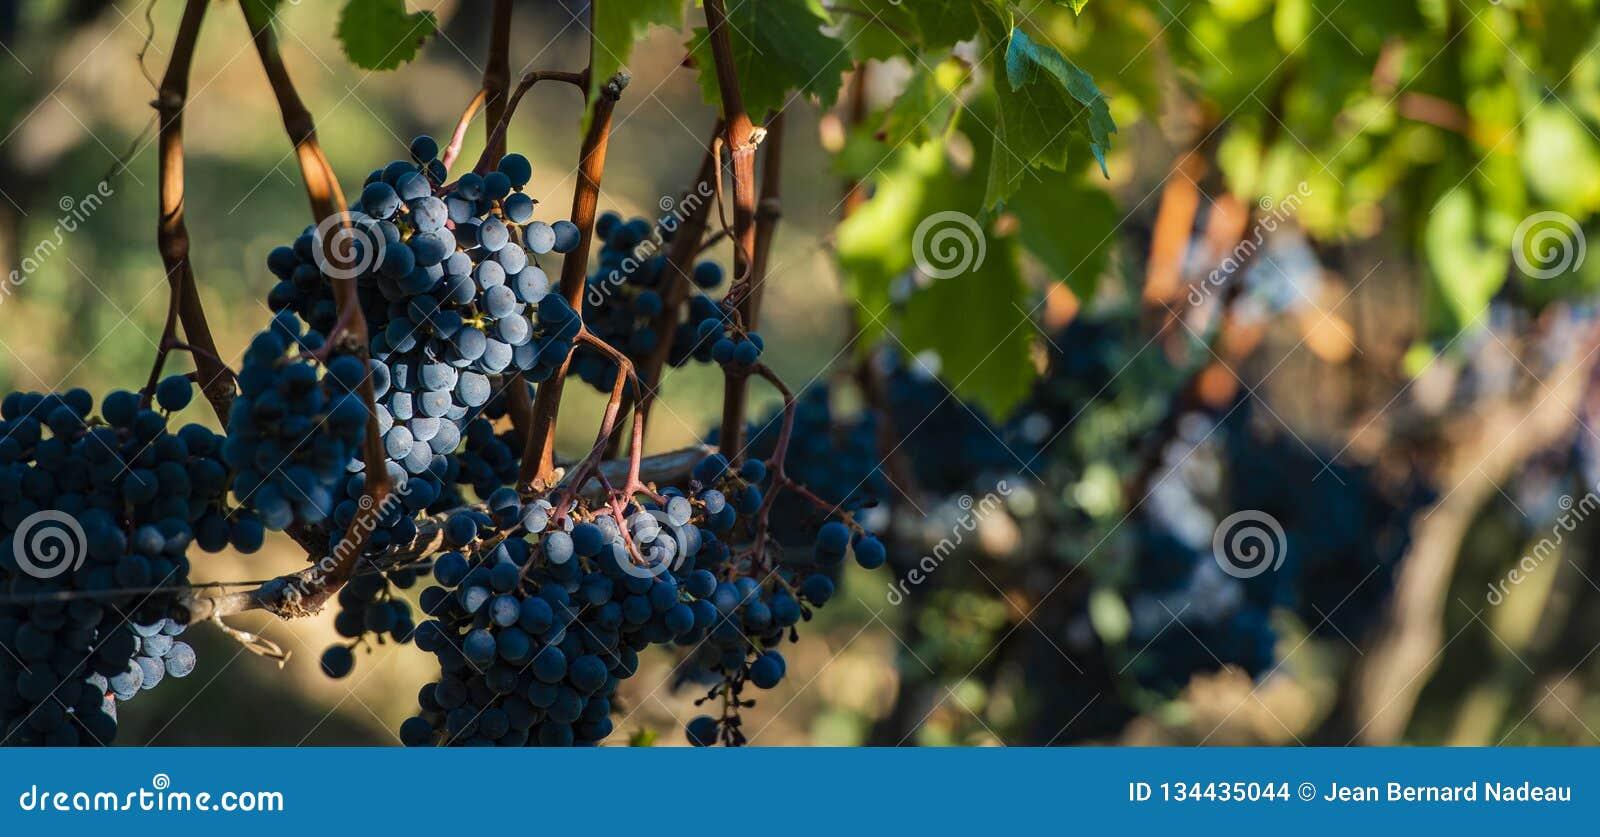 Feche acima em uvas pretas vermelhas em um vinhedo, conceito da colheita da uva